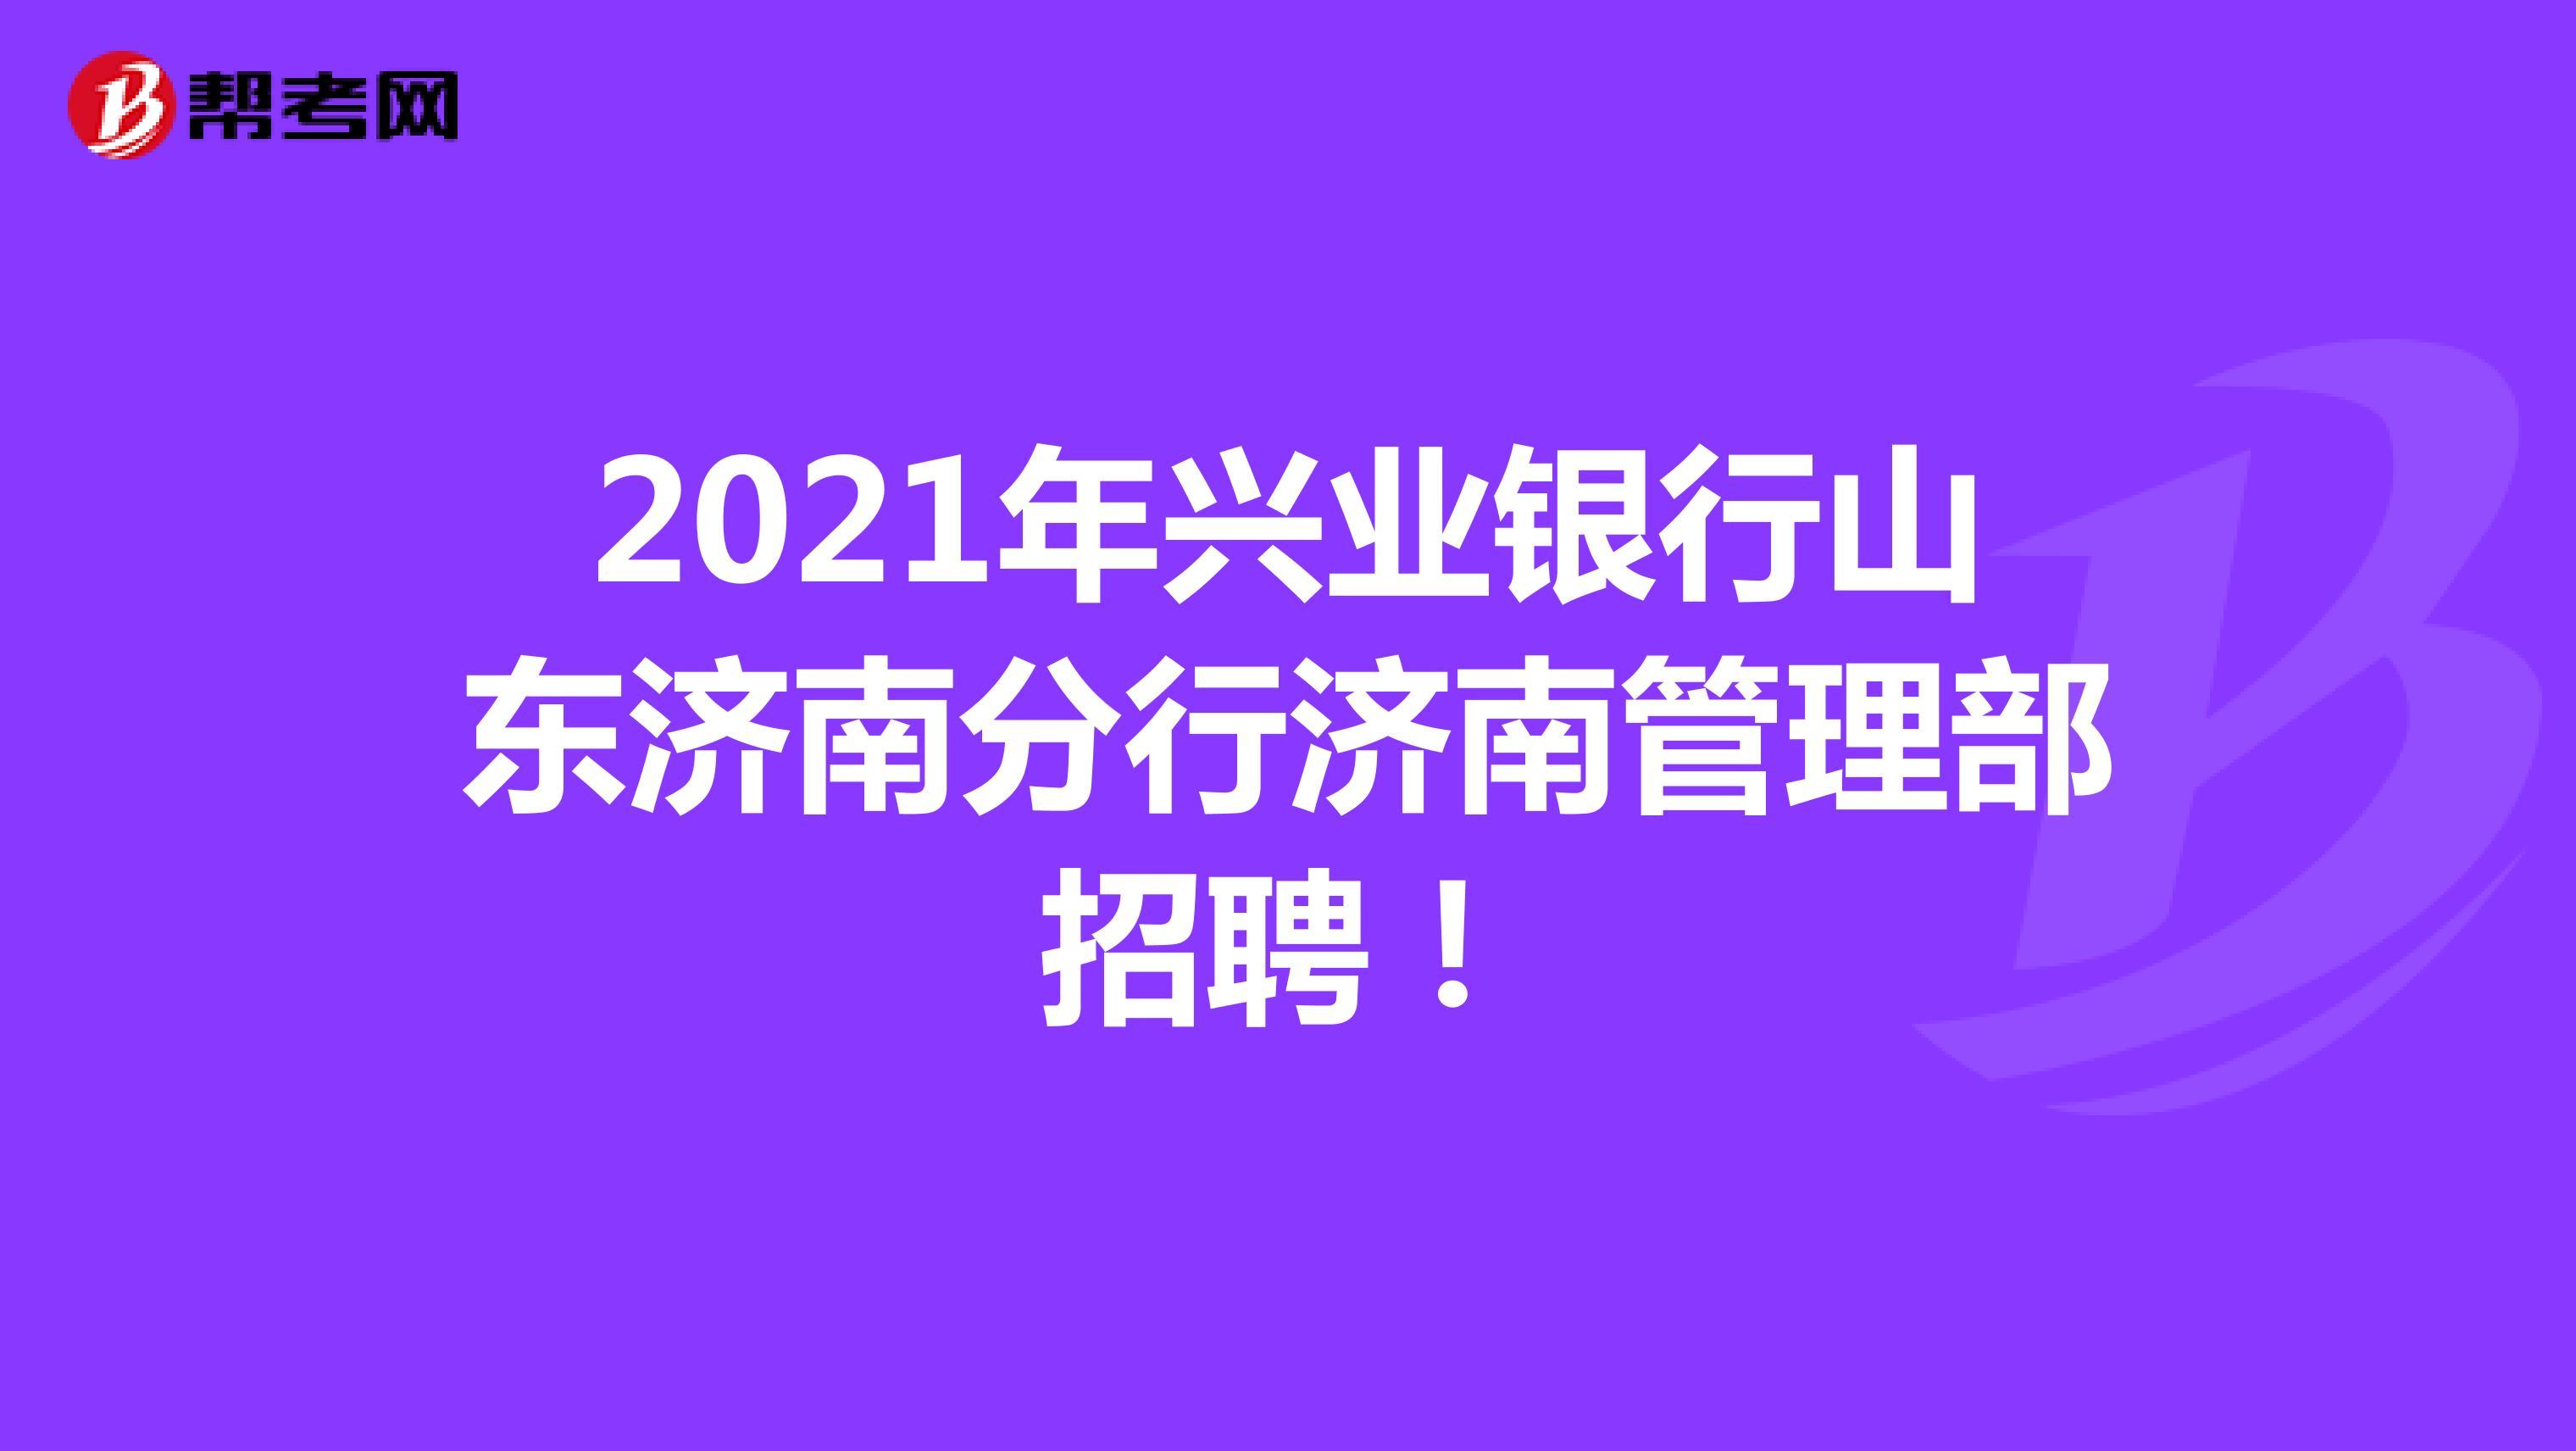 2021年兴业银行山东济南分行济南管理部招聘!